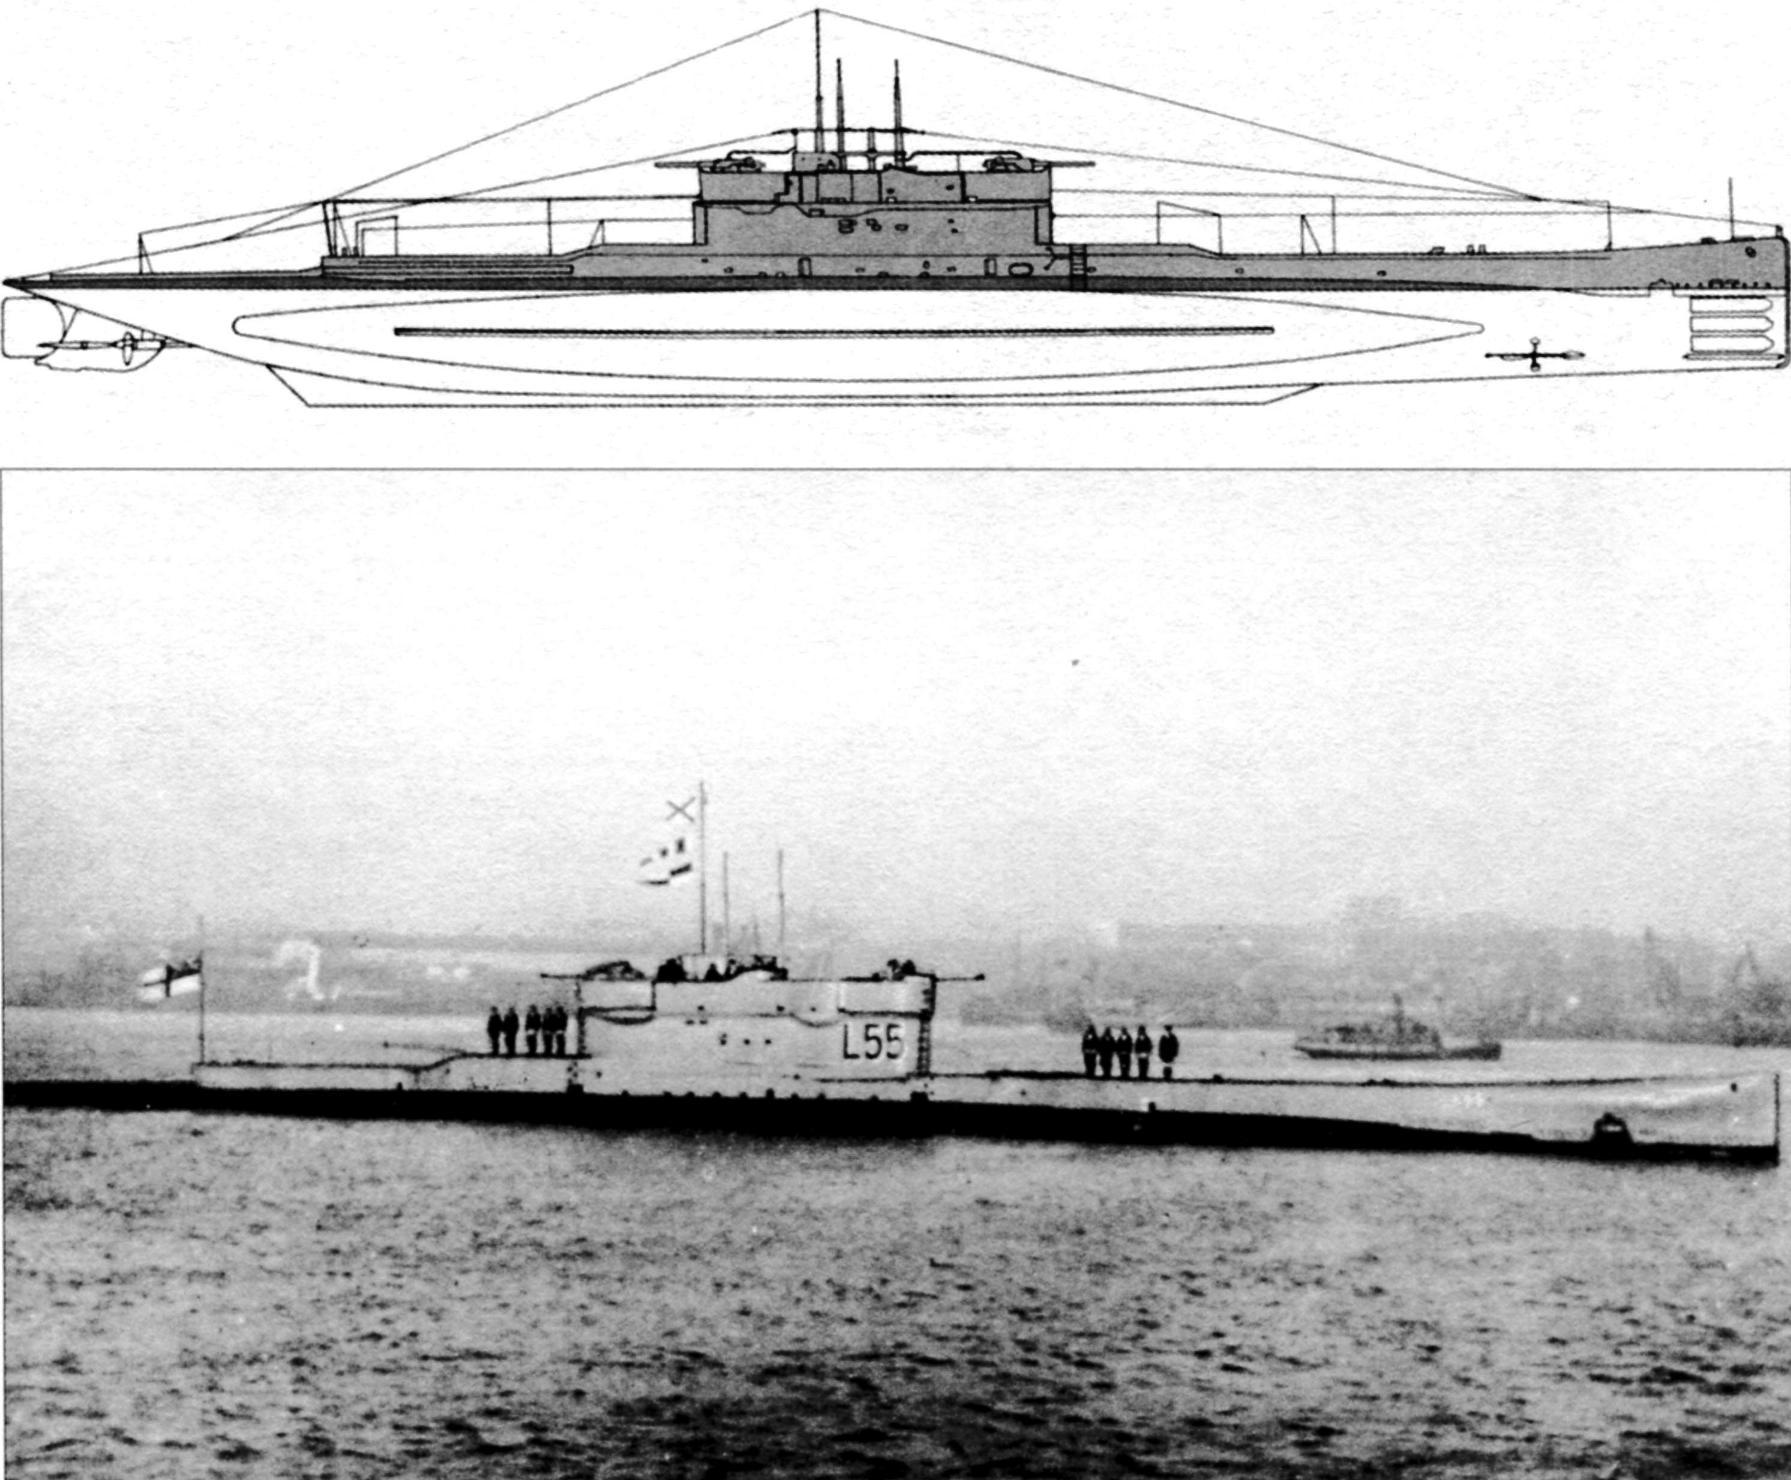 Подводная лодка «L-55» («Безбожник»), СССР, 1931 г.